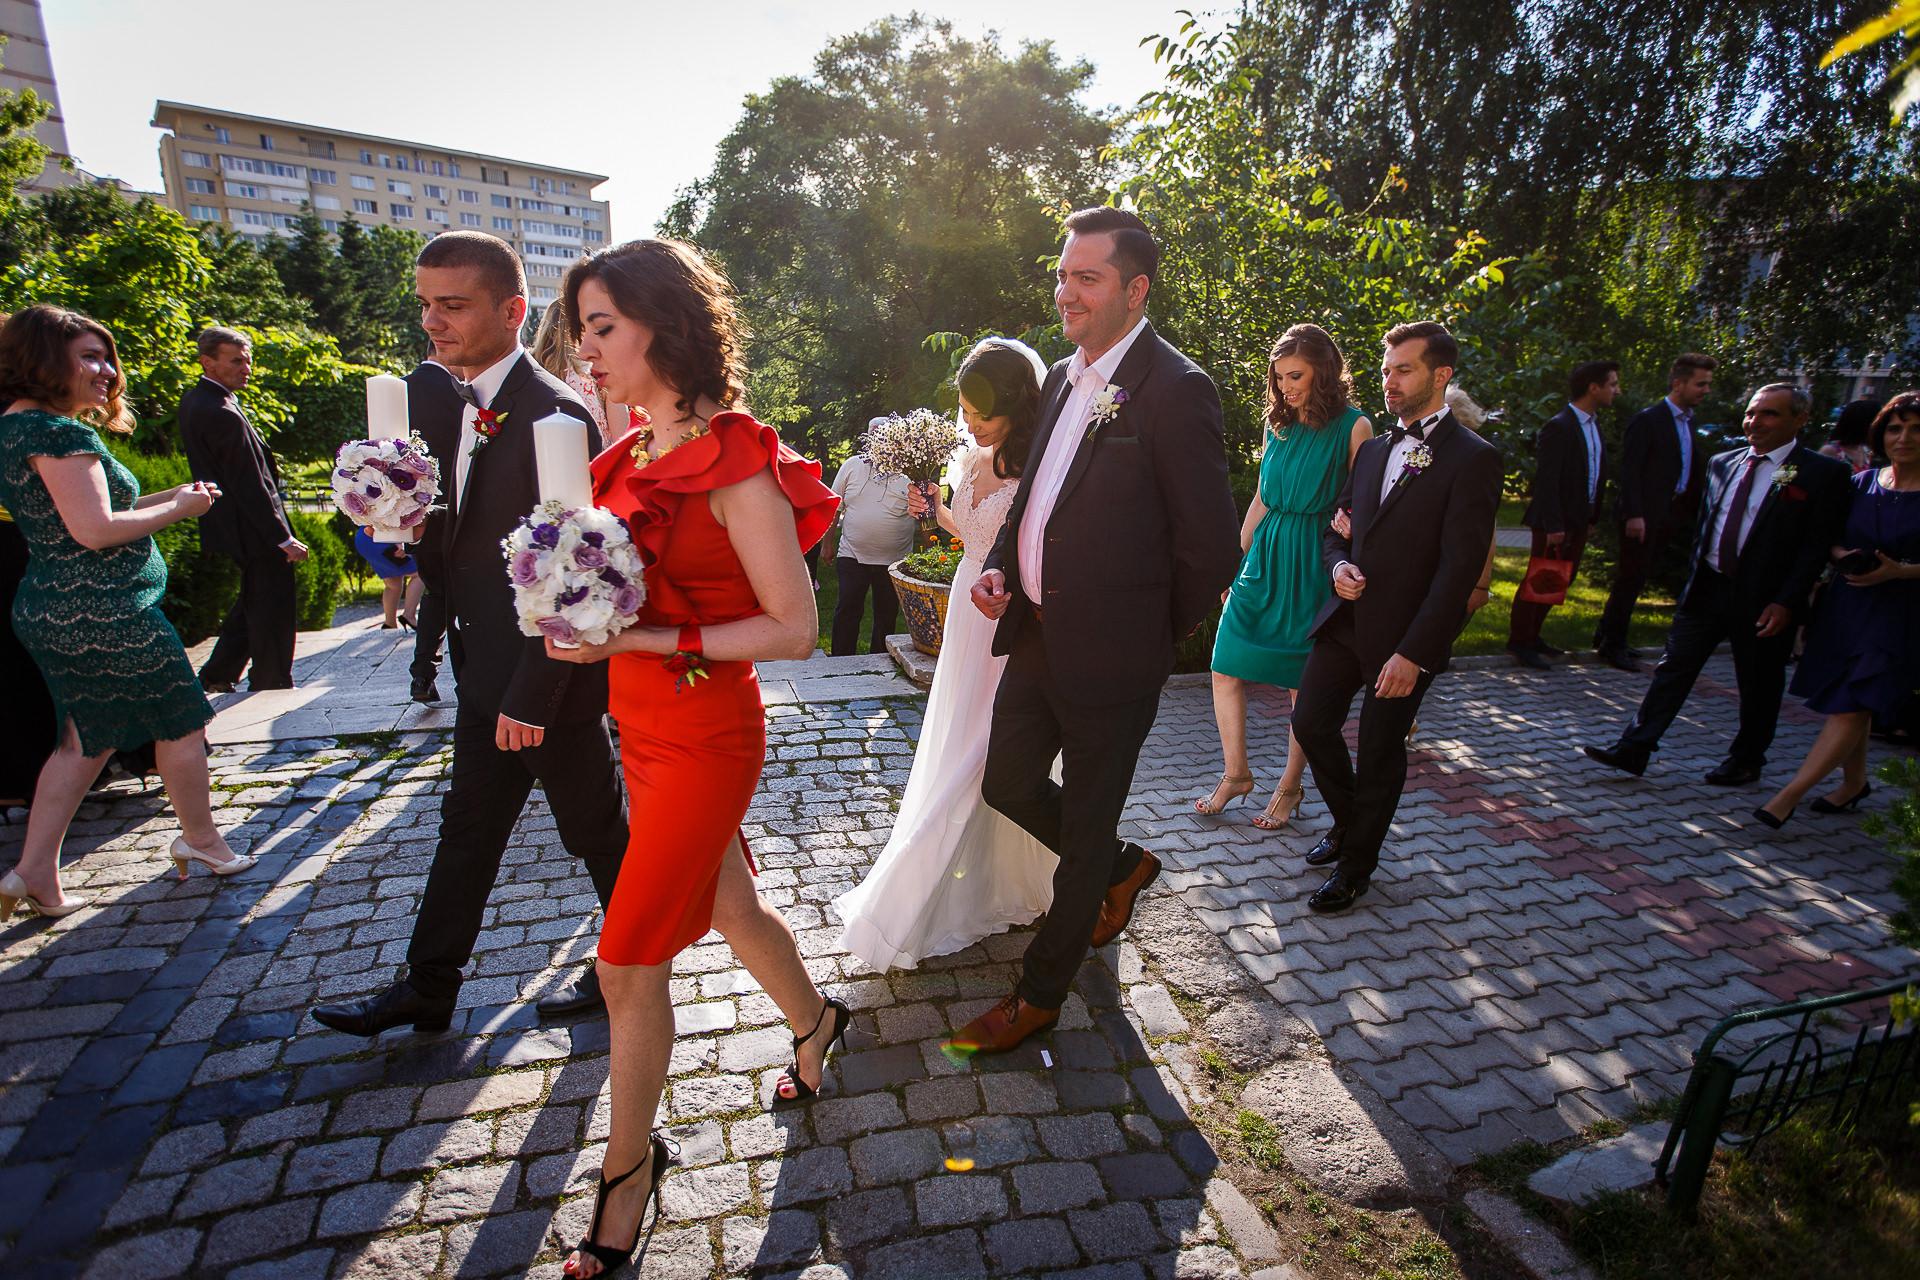 nuntă Salon Elisabeta - Elena şi Costin - Mihai Zaharia Photography - 034